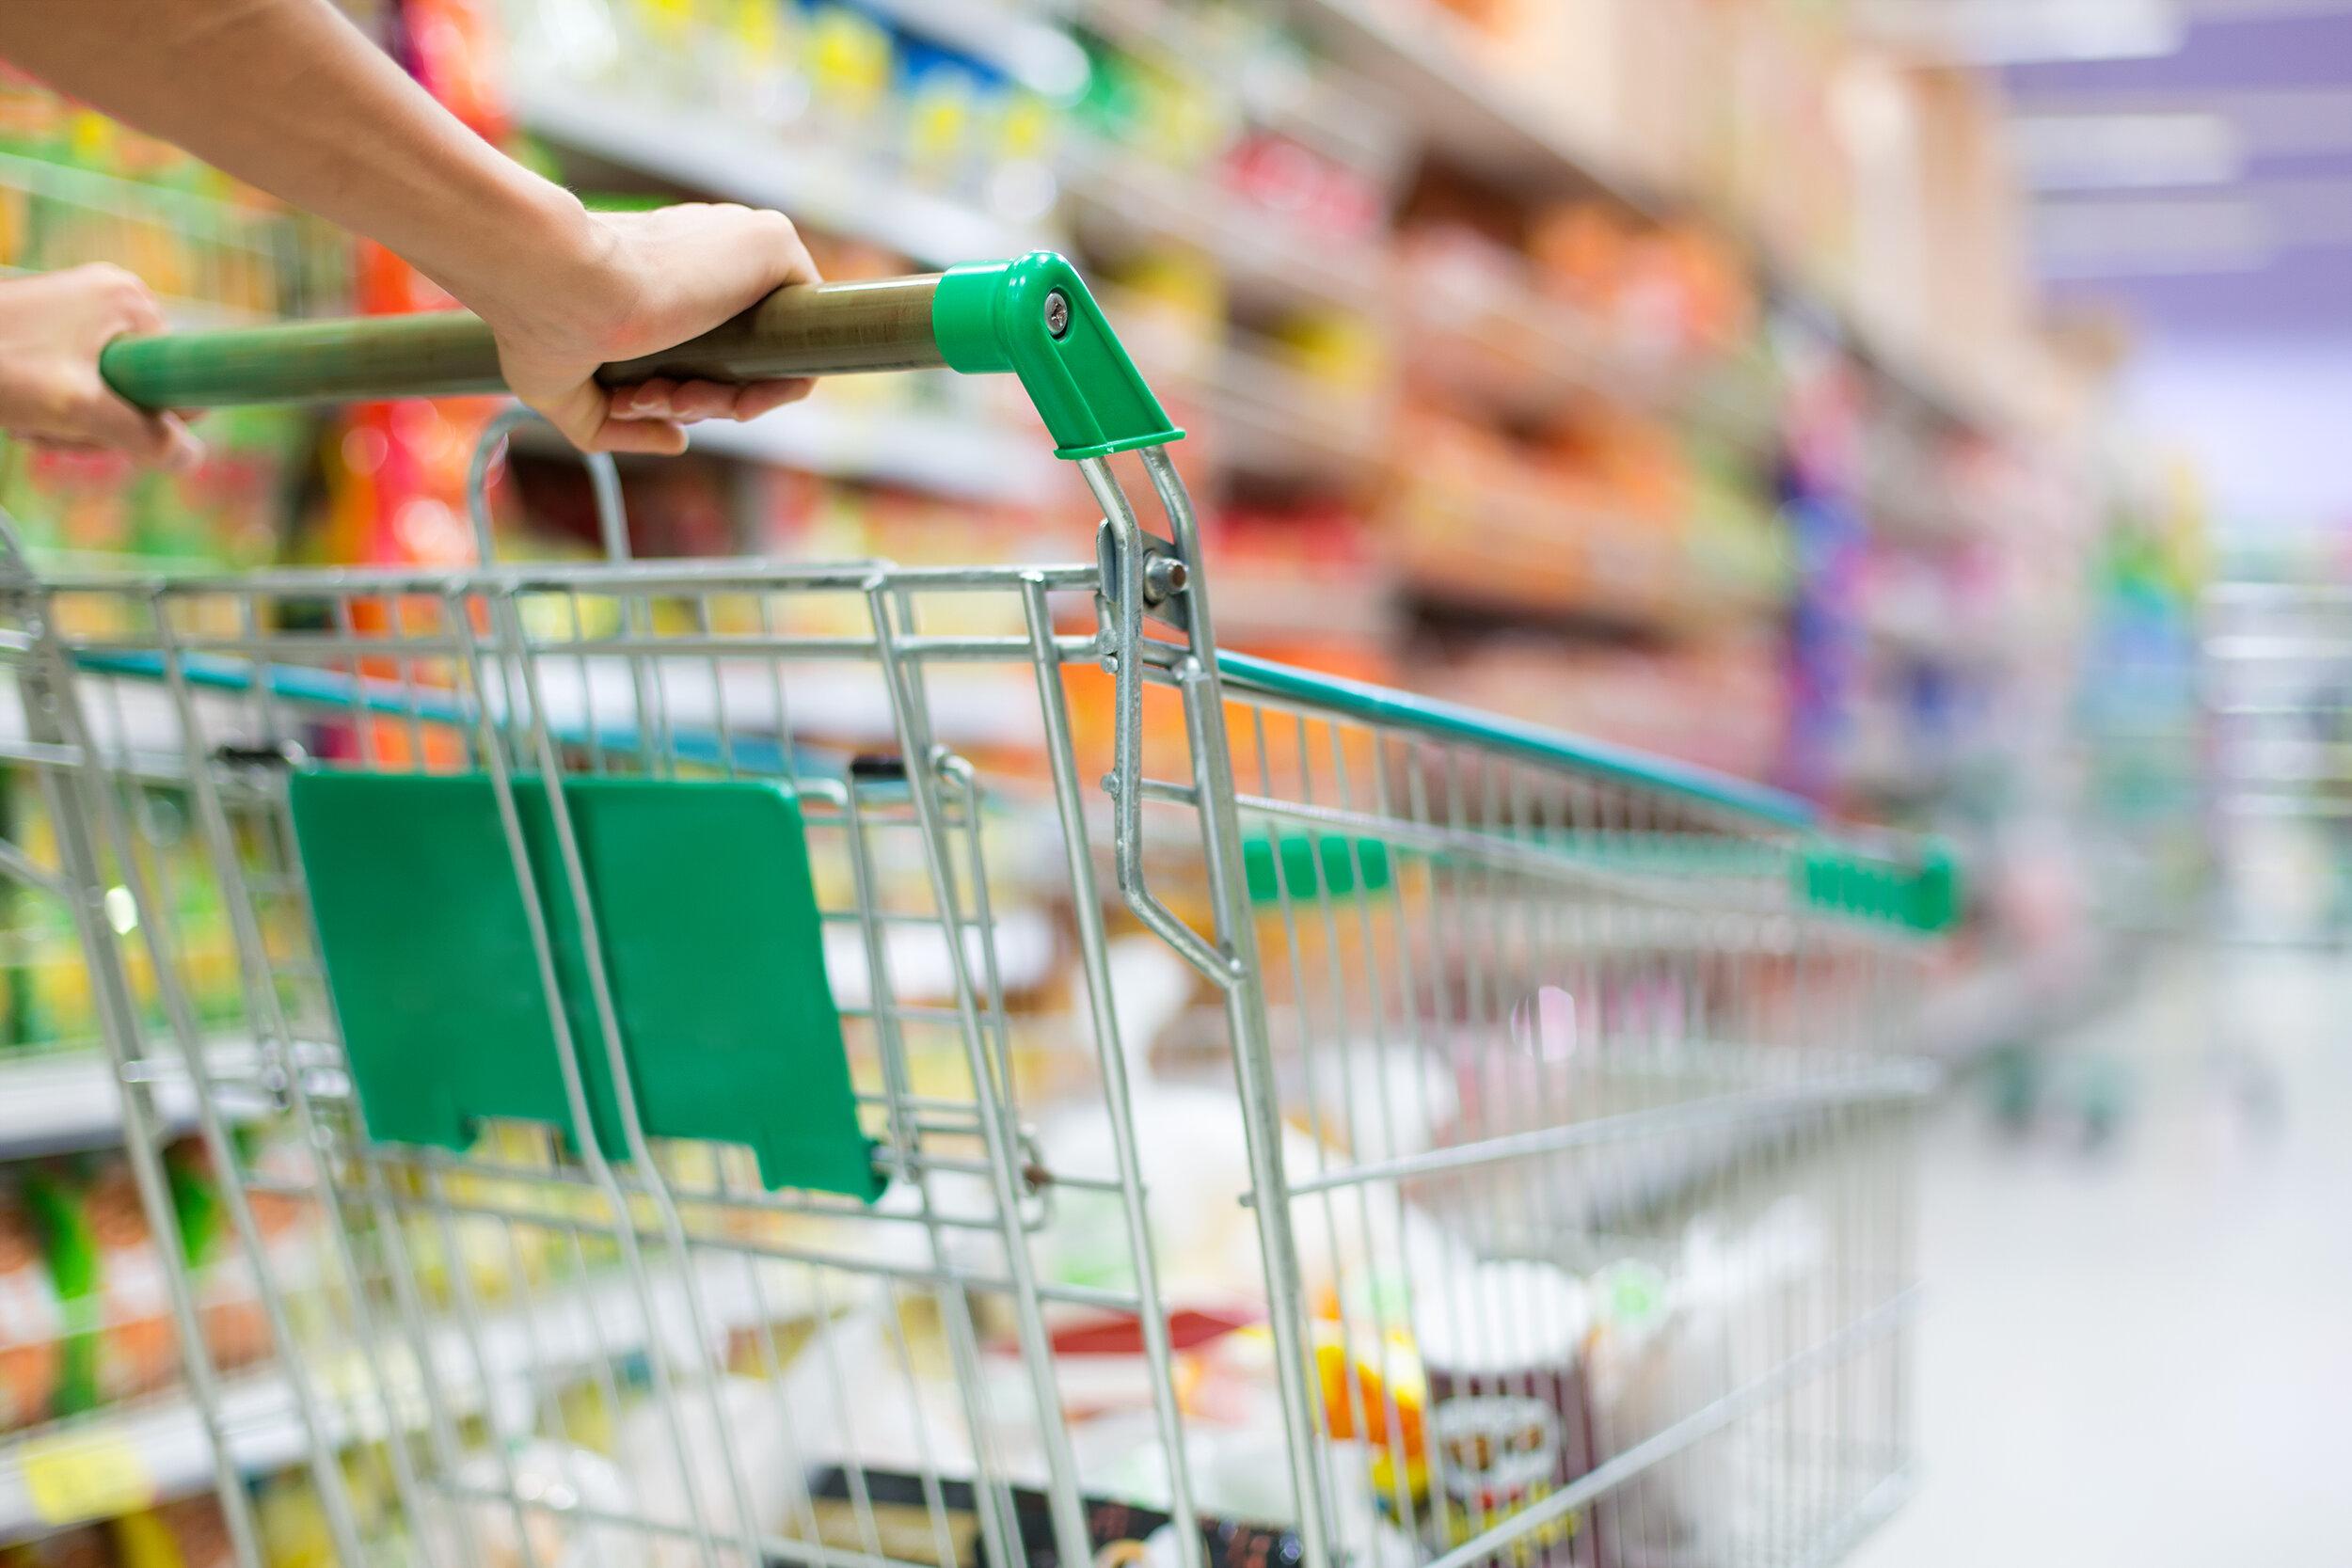 spéciaux-deals-épicerie-économies-viande-légumes-fruits-bonbons